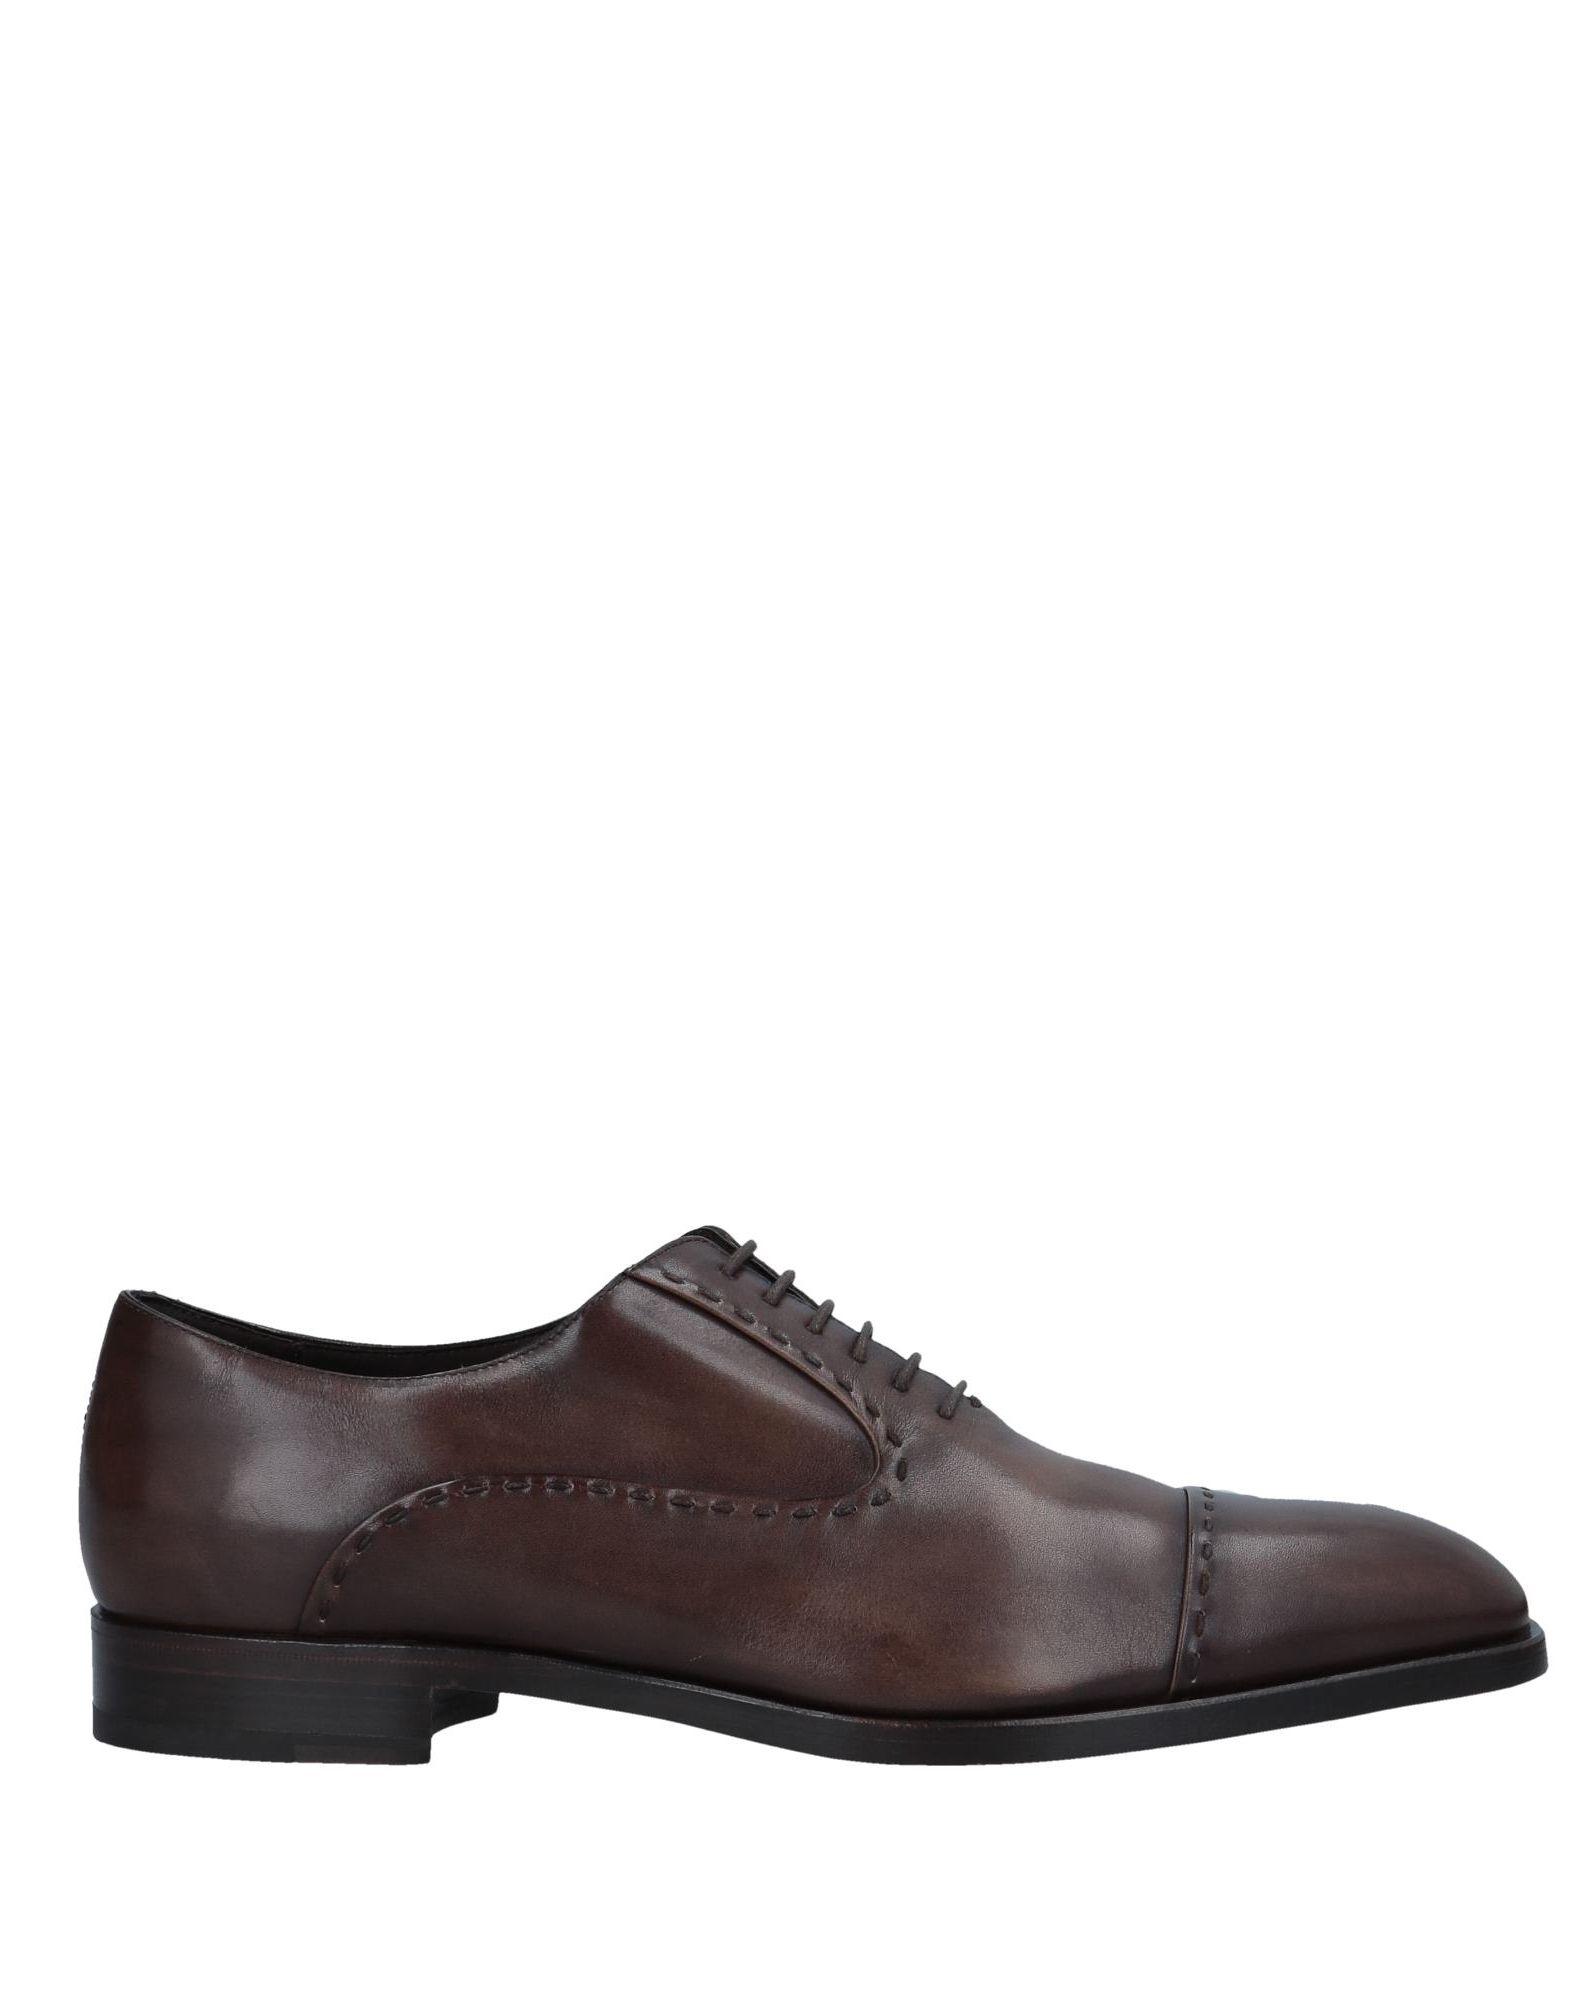 Fratelli Rossetti Schnürschuhe Herren  11550175XV Gute Qualität beliebte Schuhe